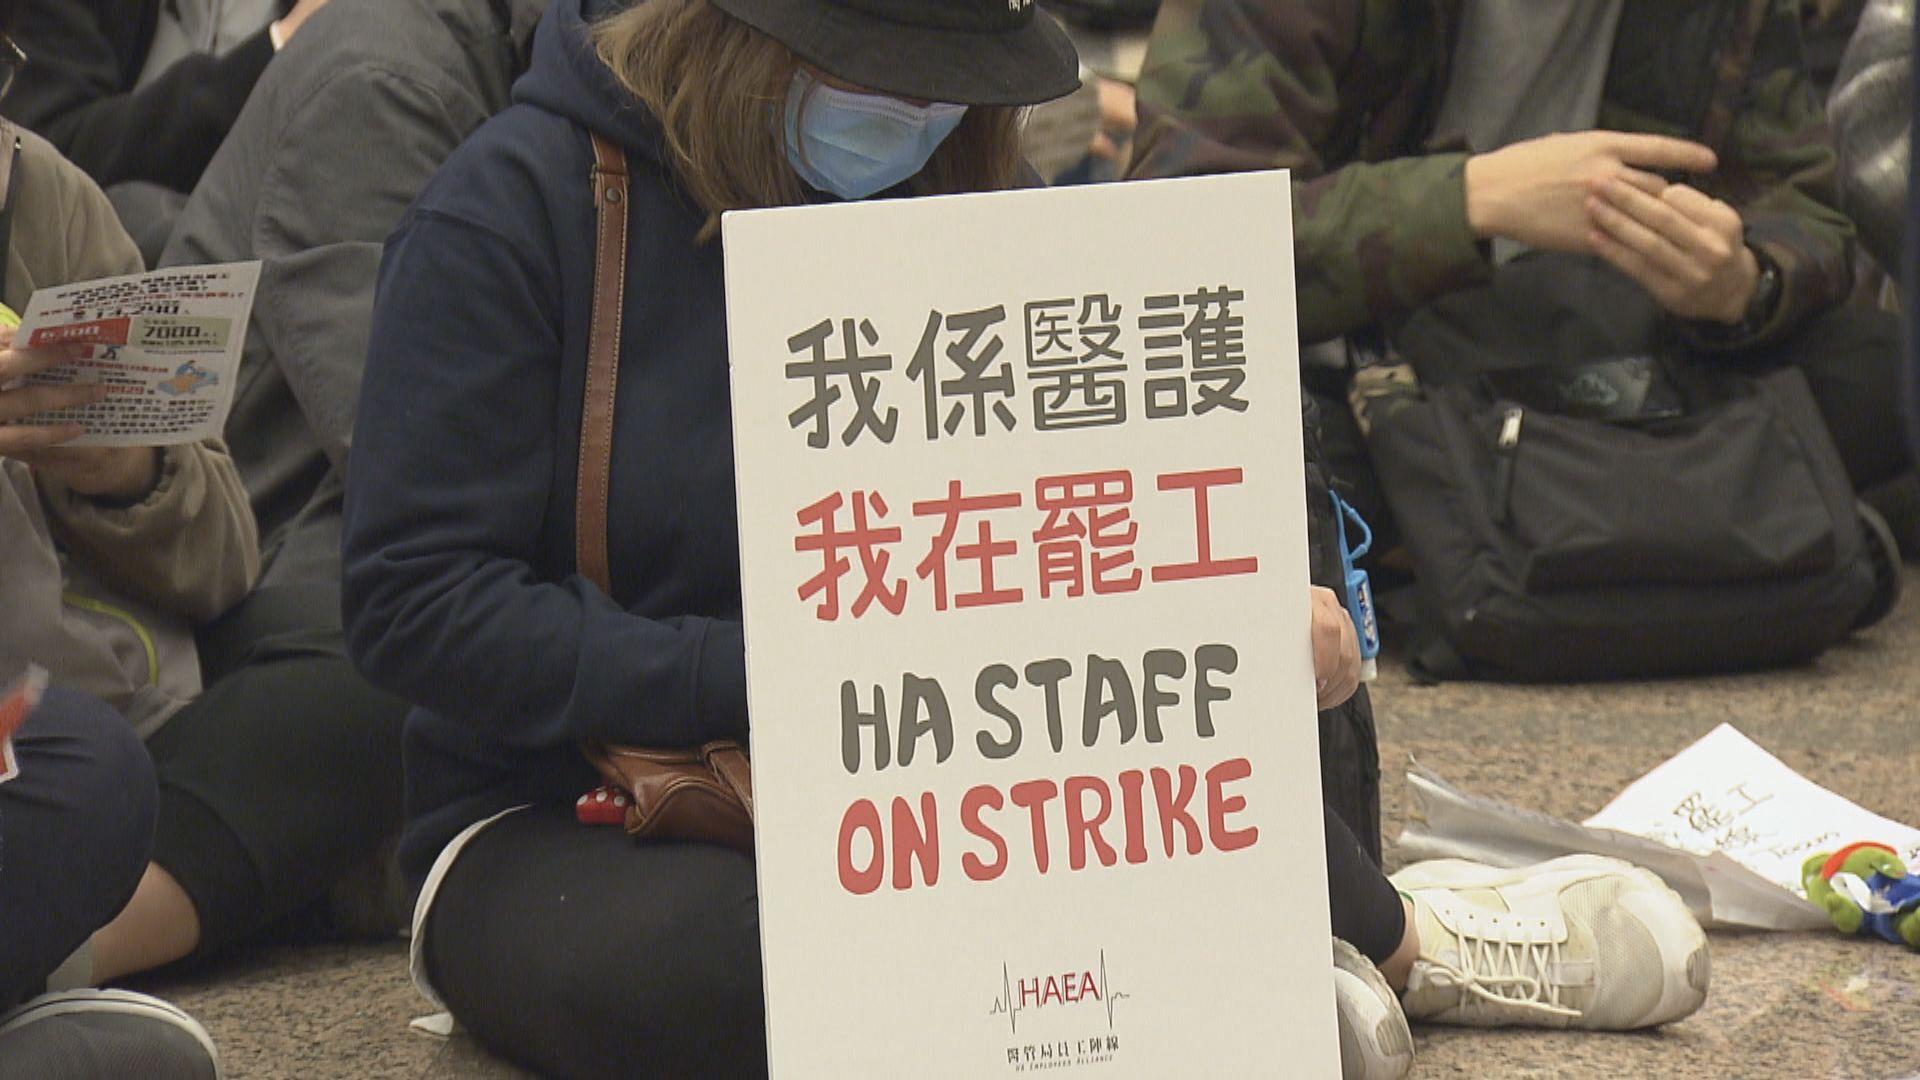 醫管局要求參與罷工醫護解釋缺勤原因